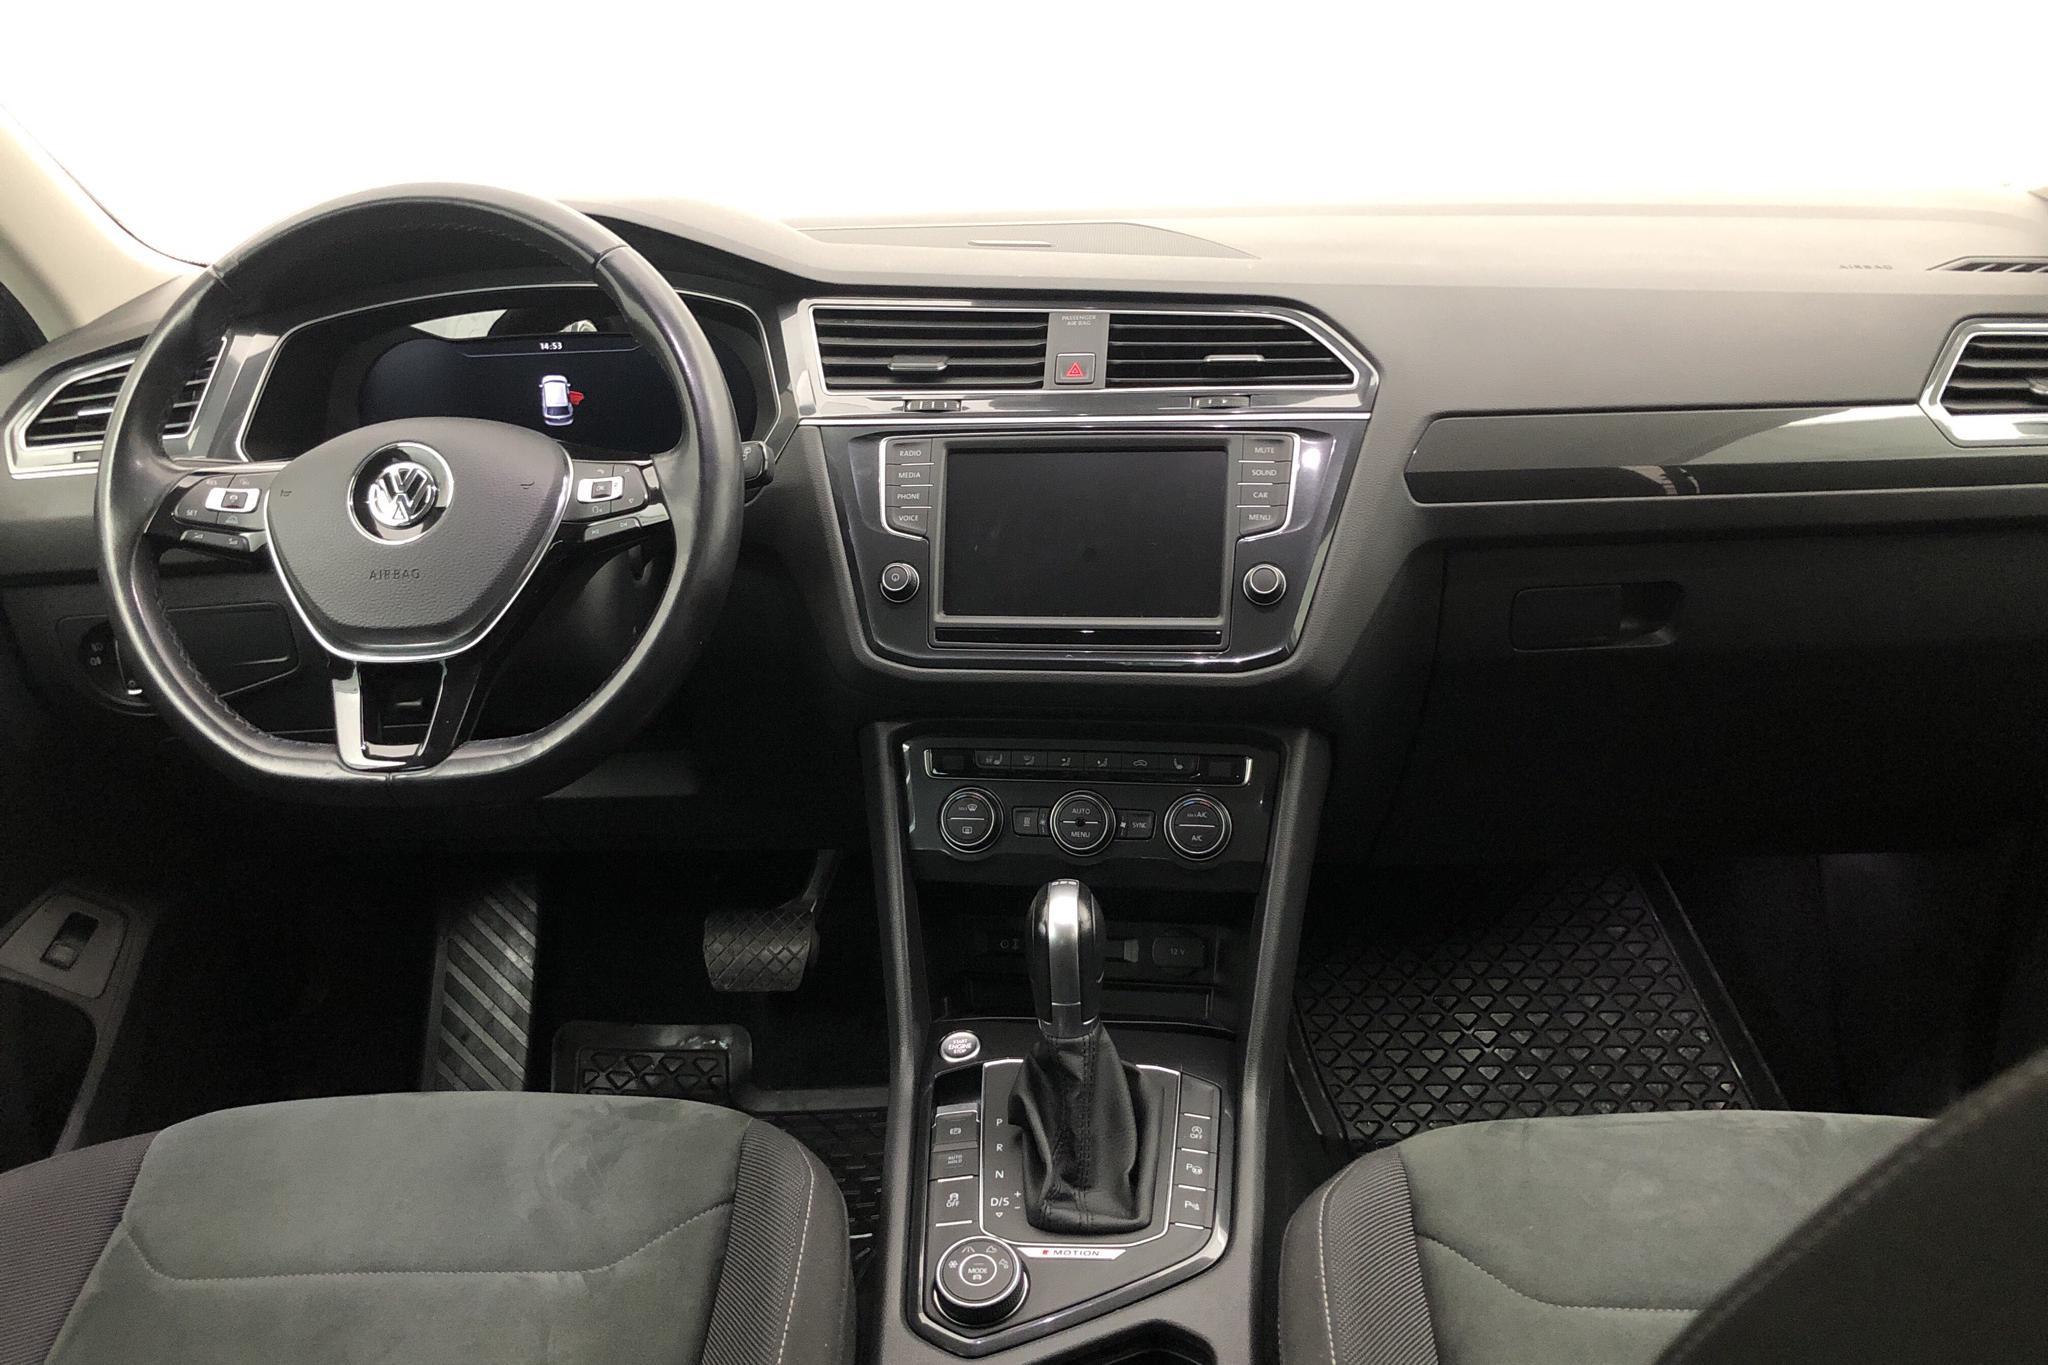 VW Tiguan 2.0 TDI 4MOTION (190hk) - 9 140 mil - Automat - silver - 2016